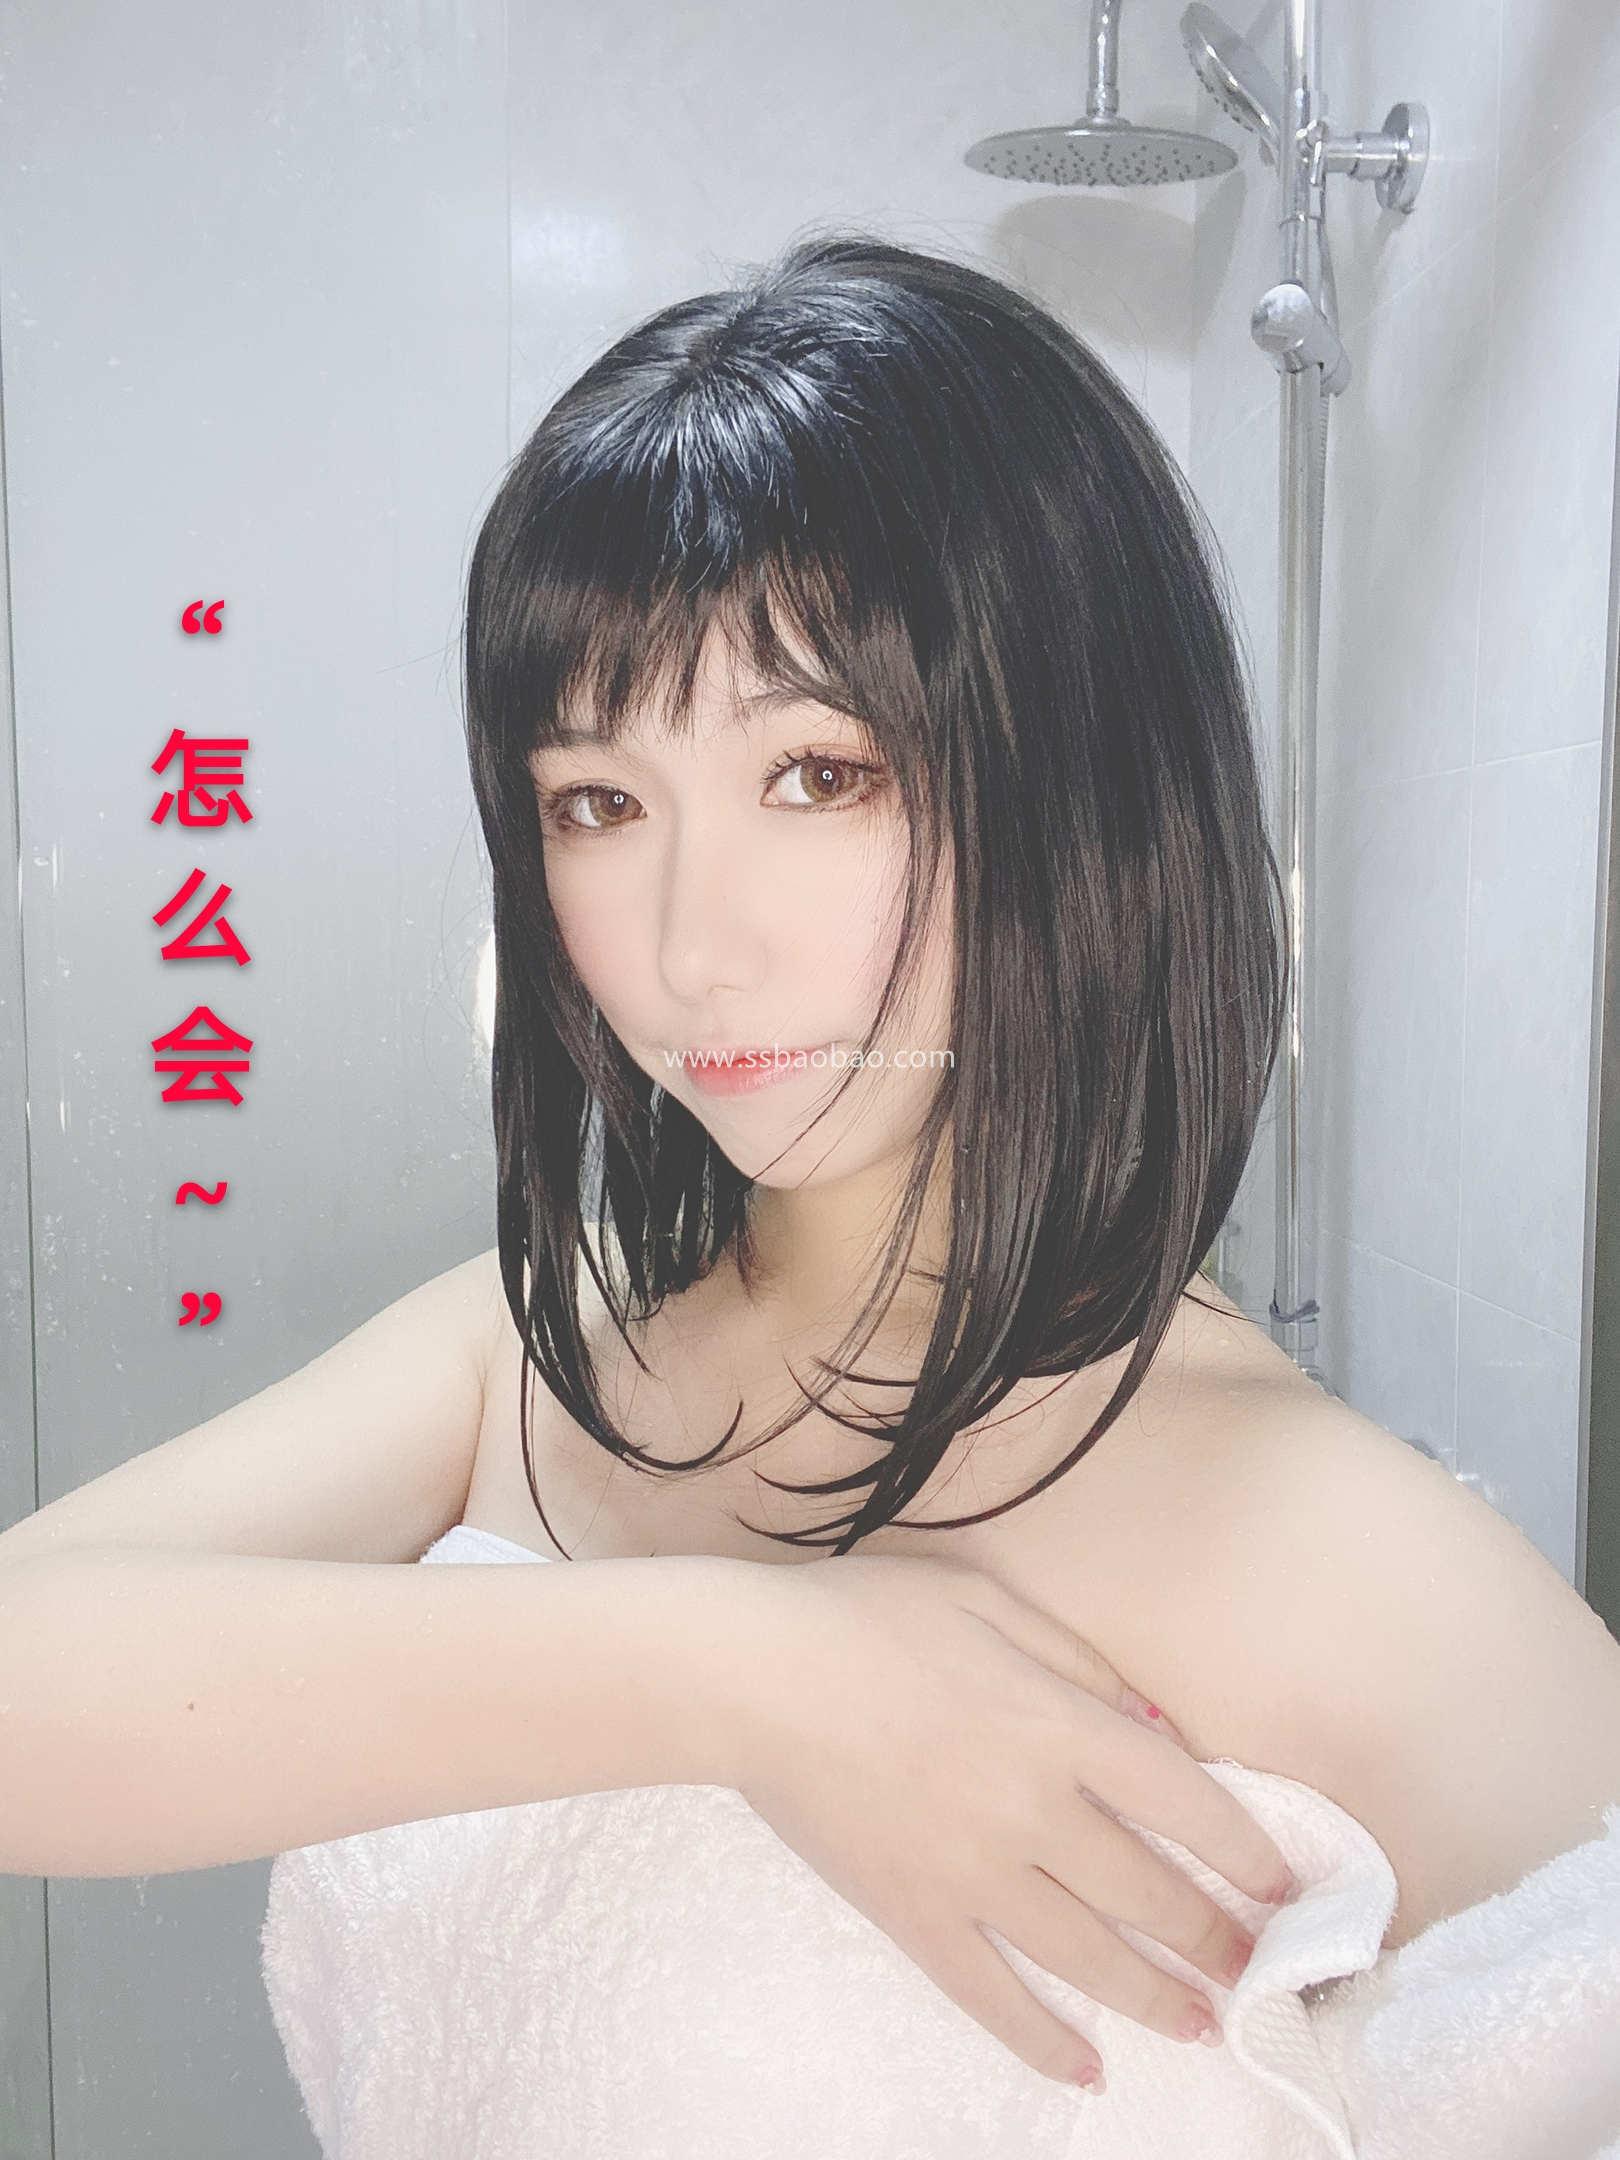 芋圆侑子 人妻围裙.7z (3)